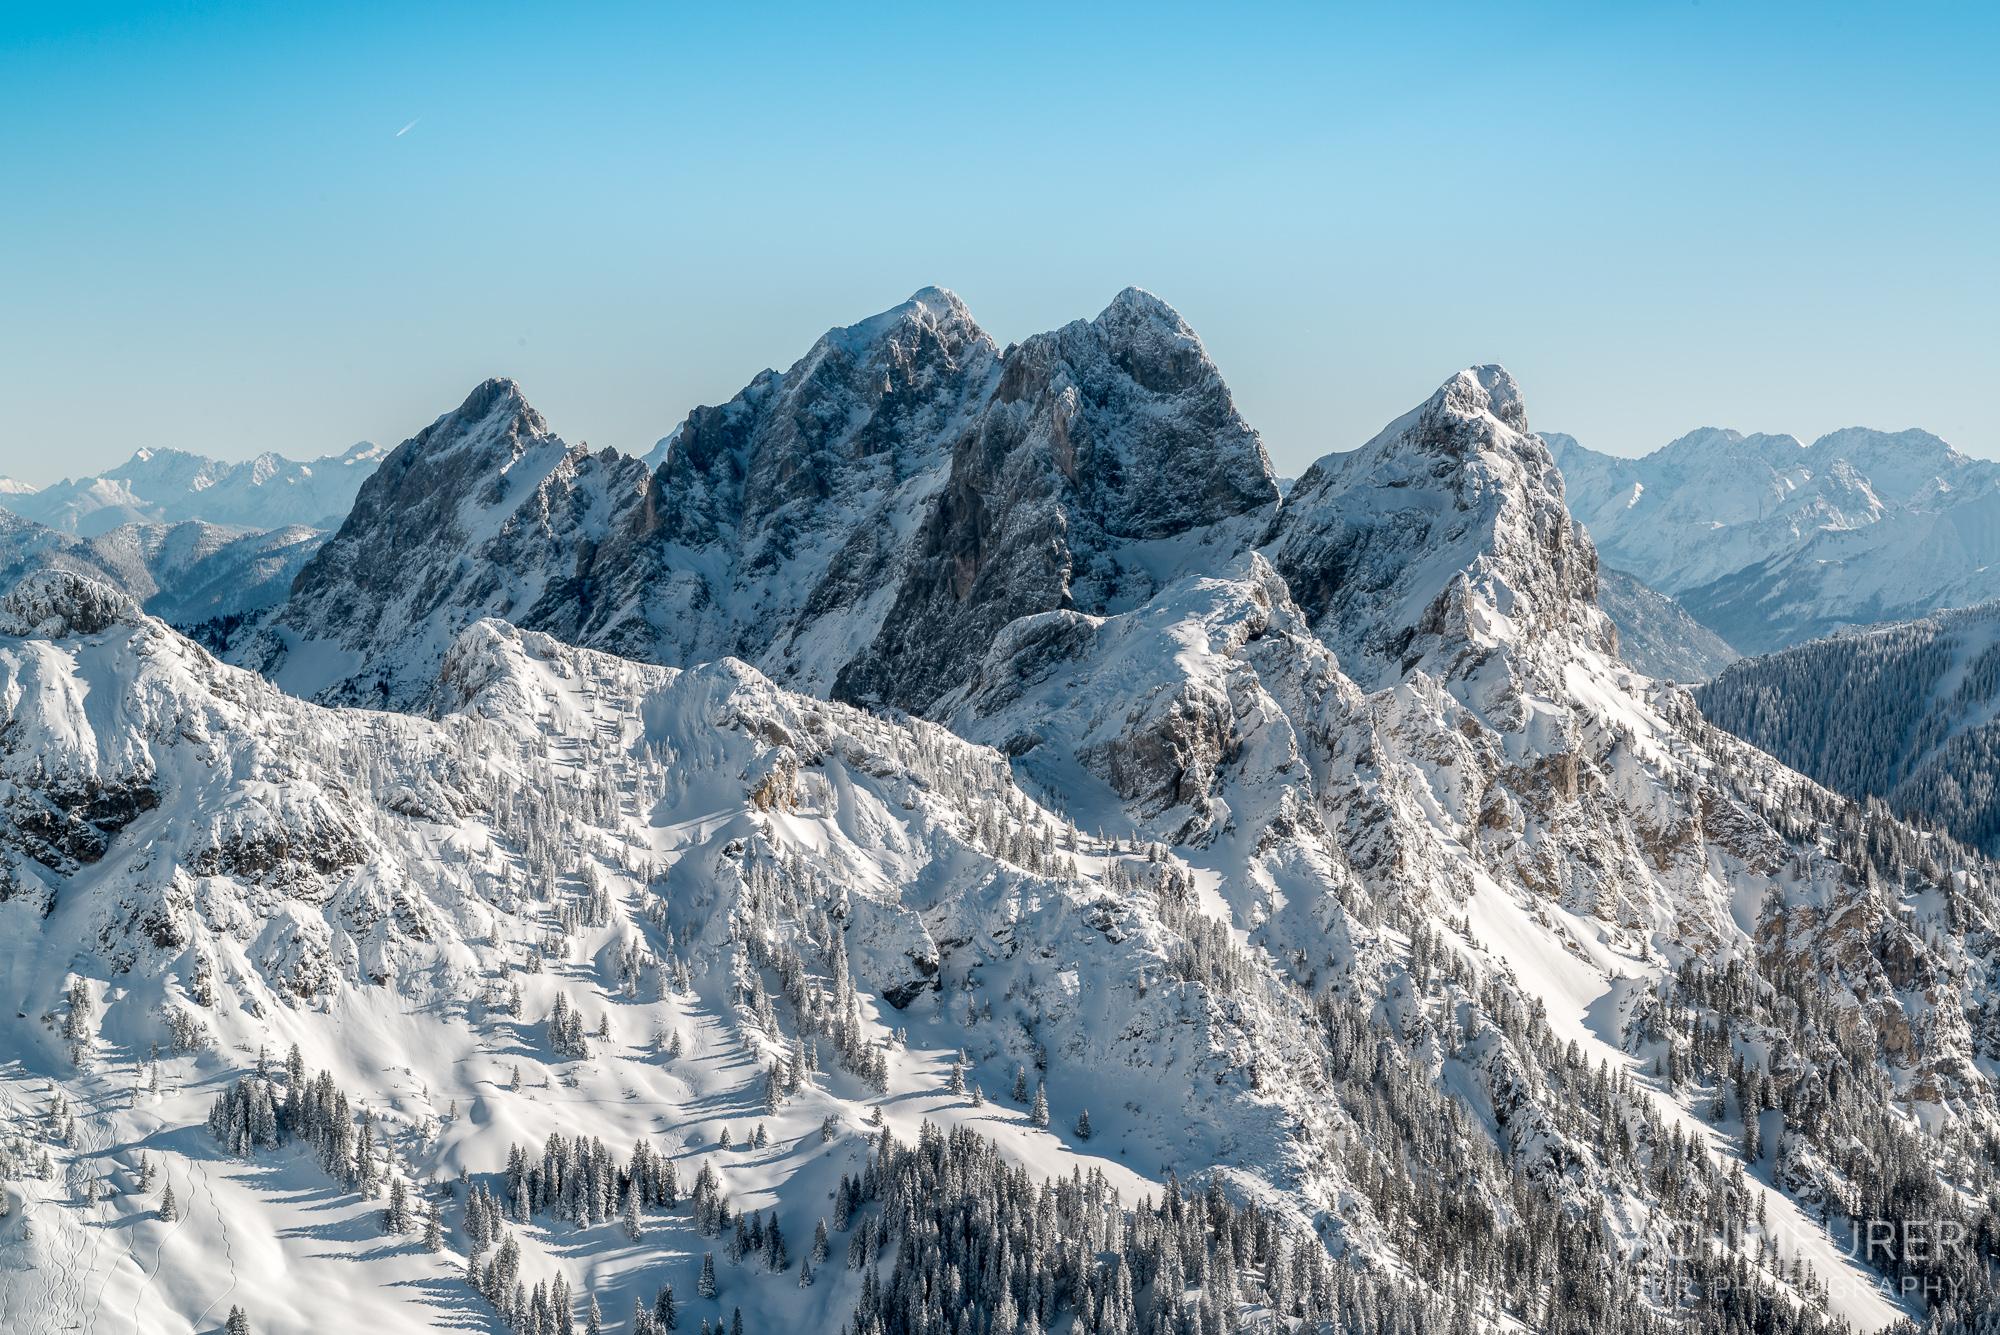 Die-schoensten-Winterfotos-Winterlandschaft-5 by Achim Meurer.